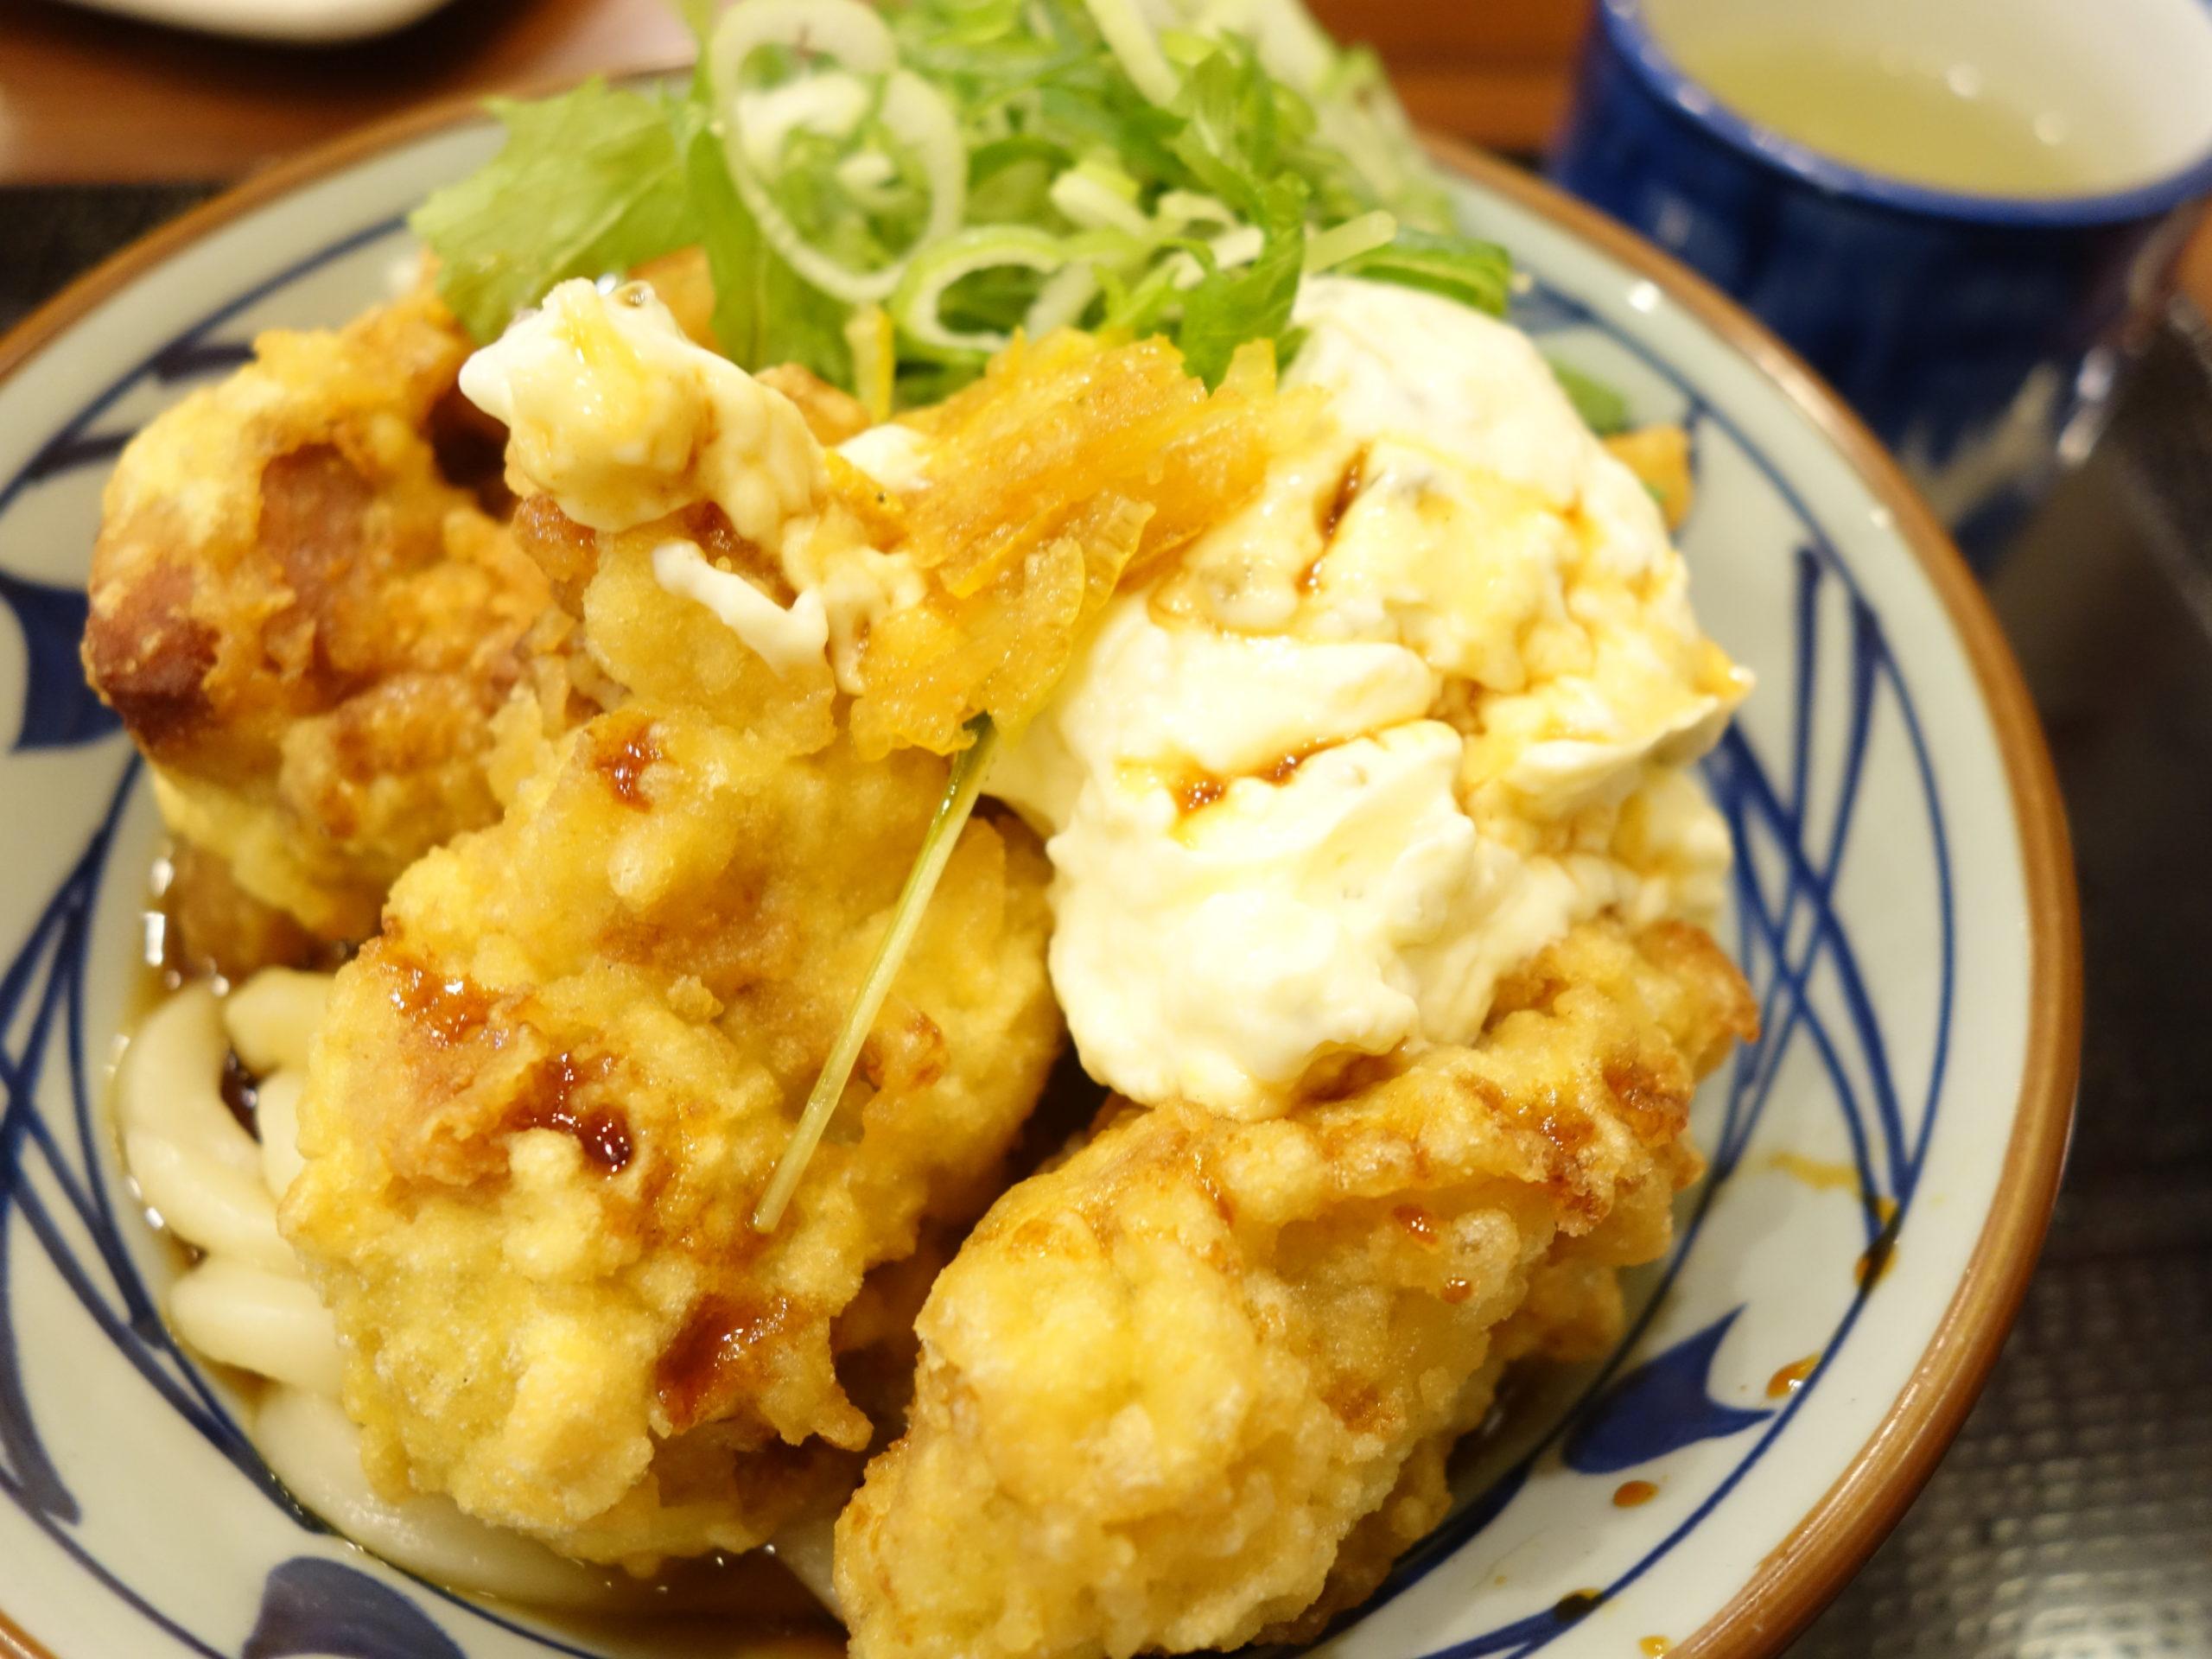 丸亀製麺のタル鶏天ぶっかけをたべてきた。【うどん総選挙1位!】